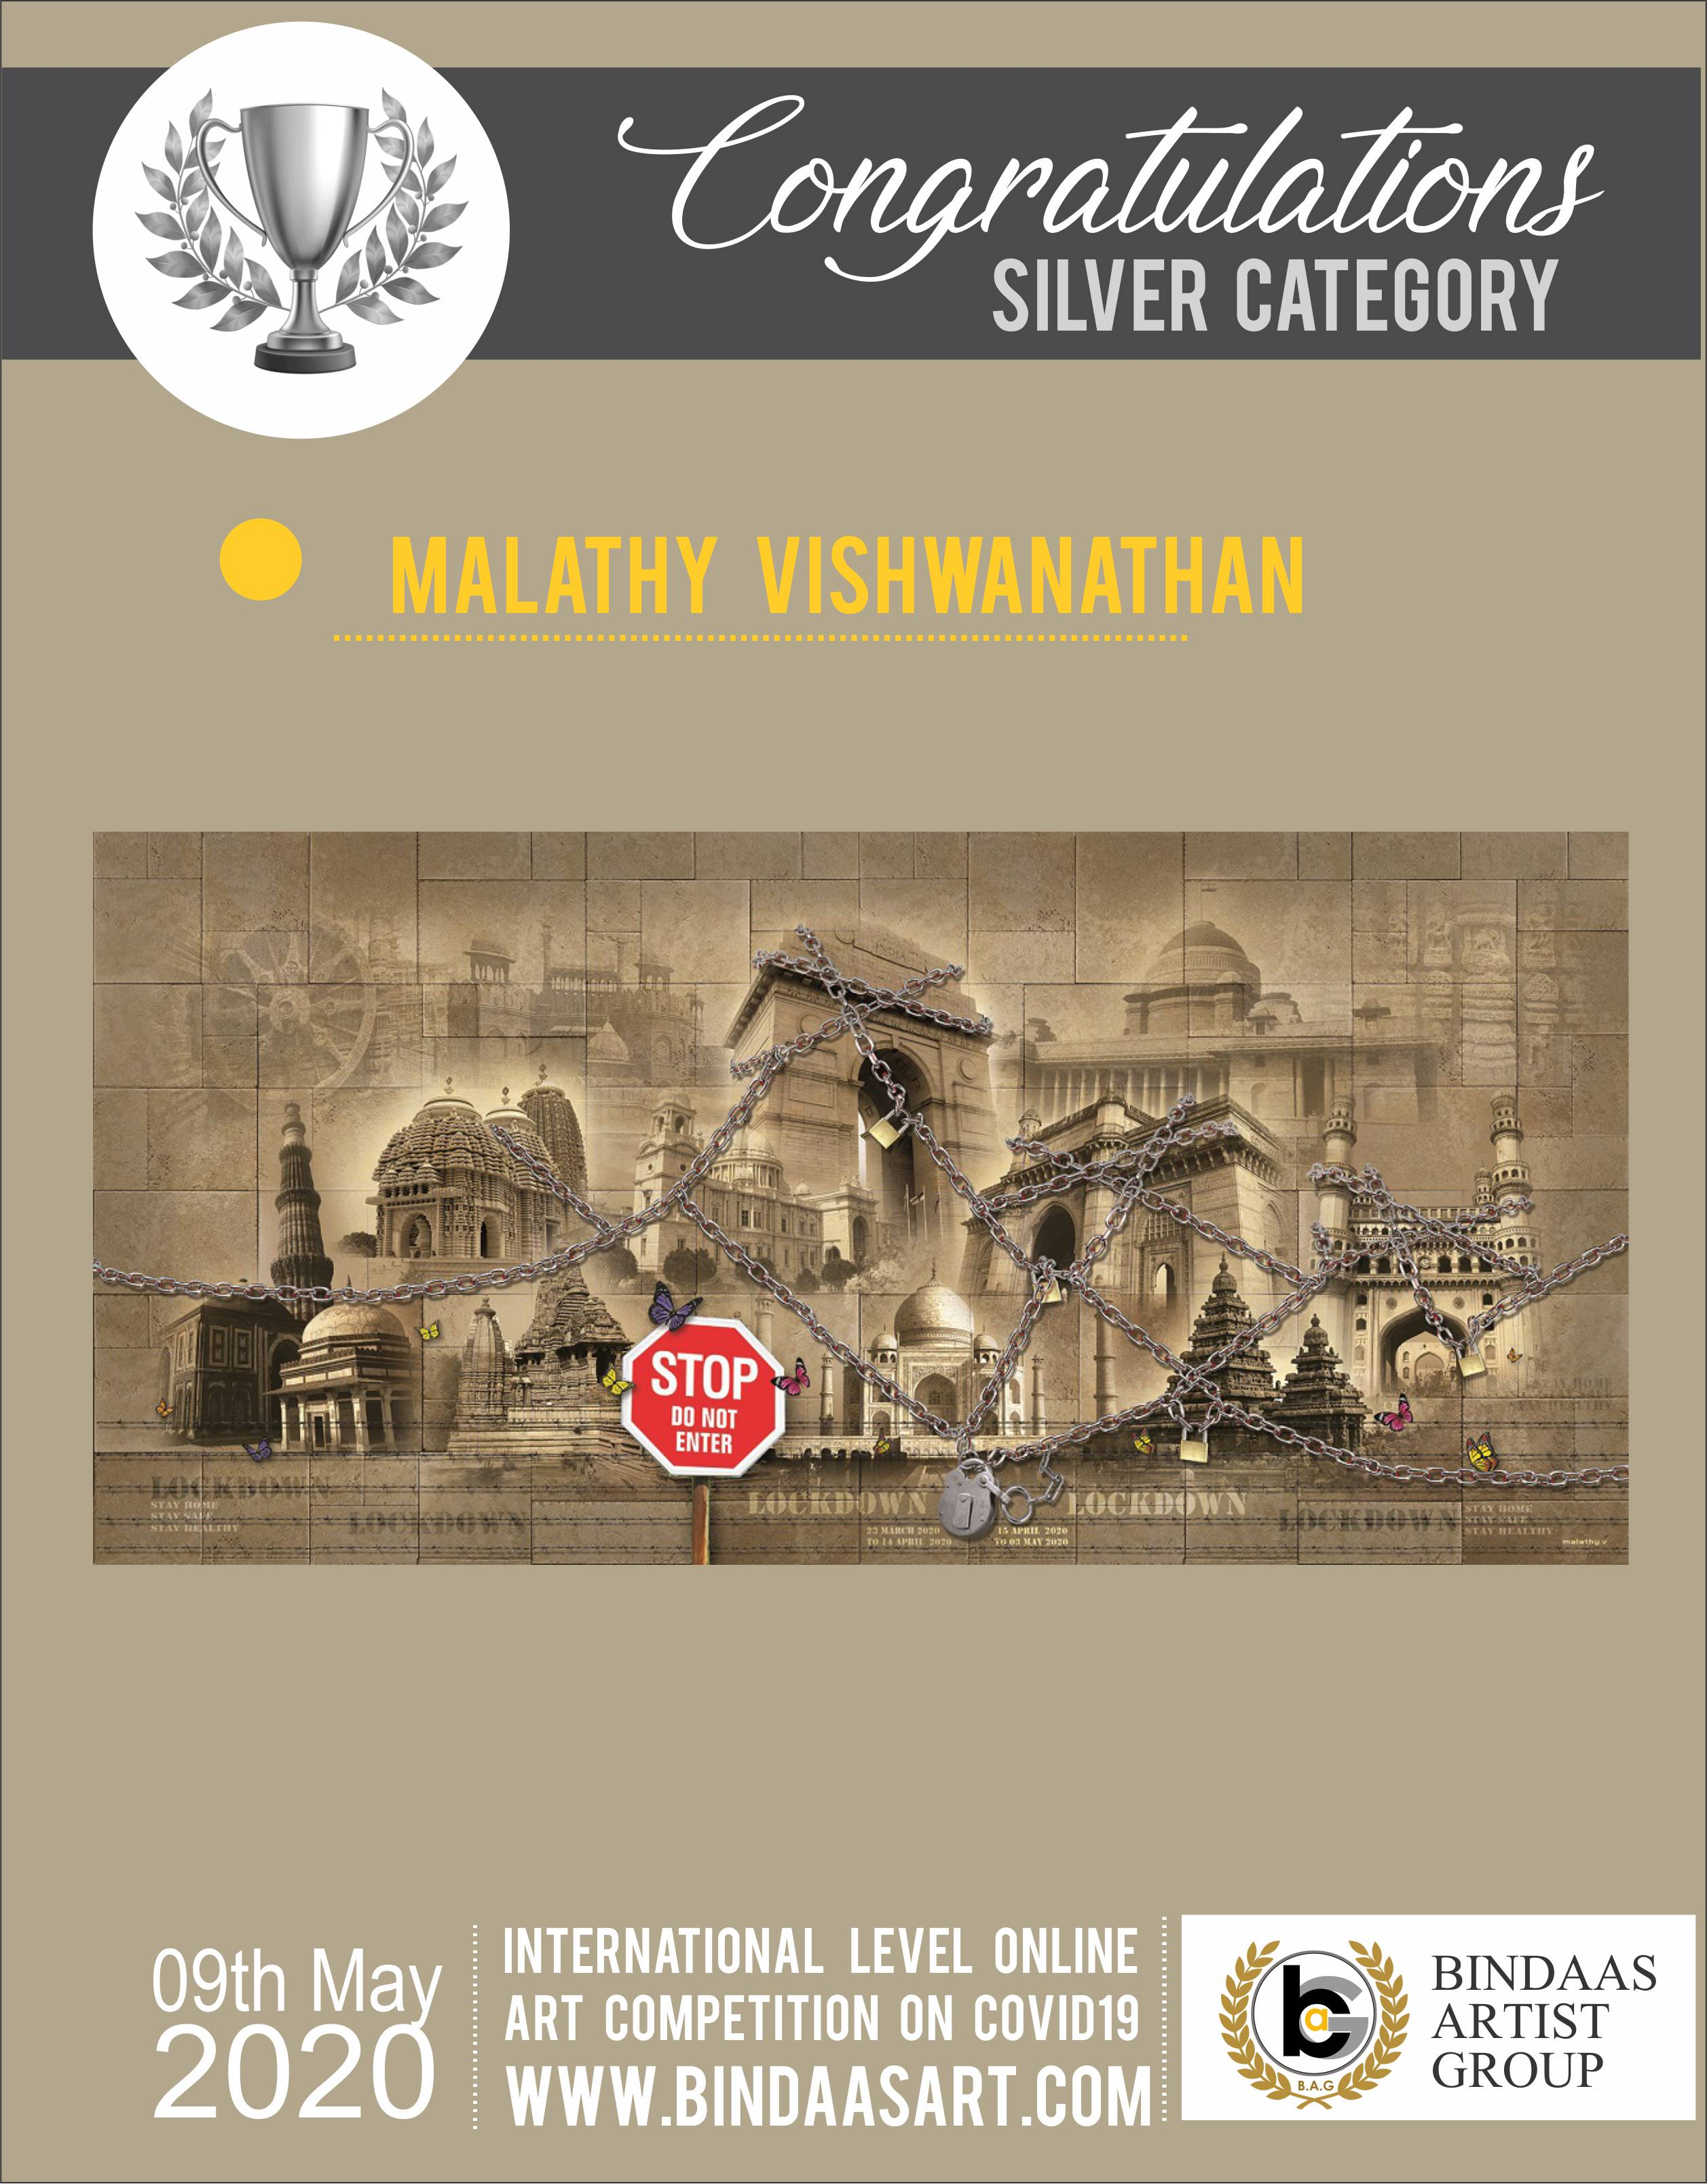 Malathy Vishwanathan